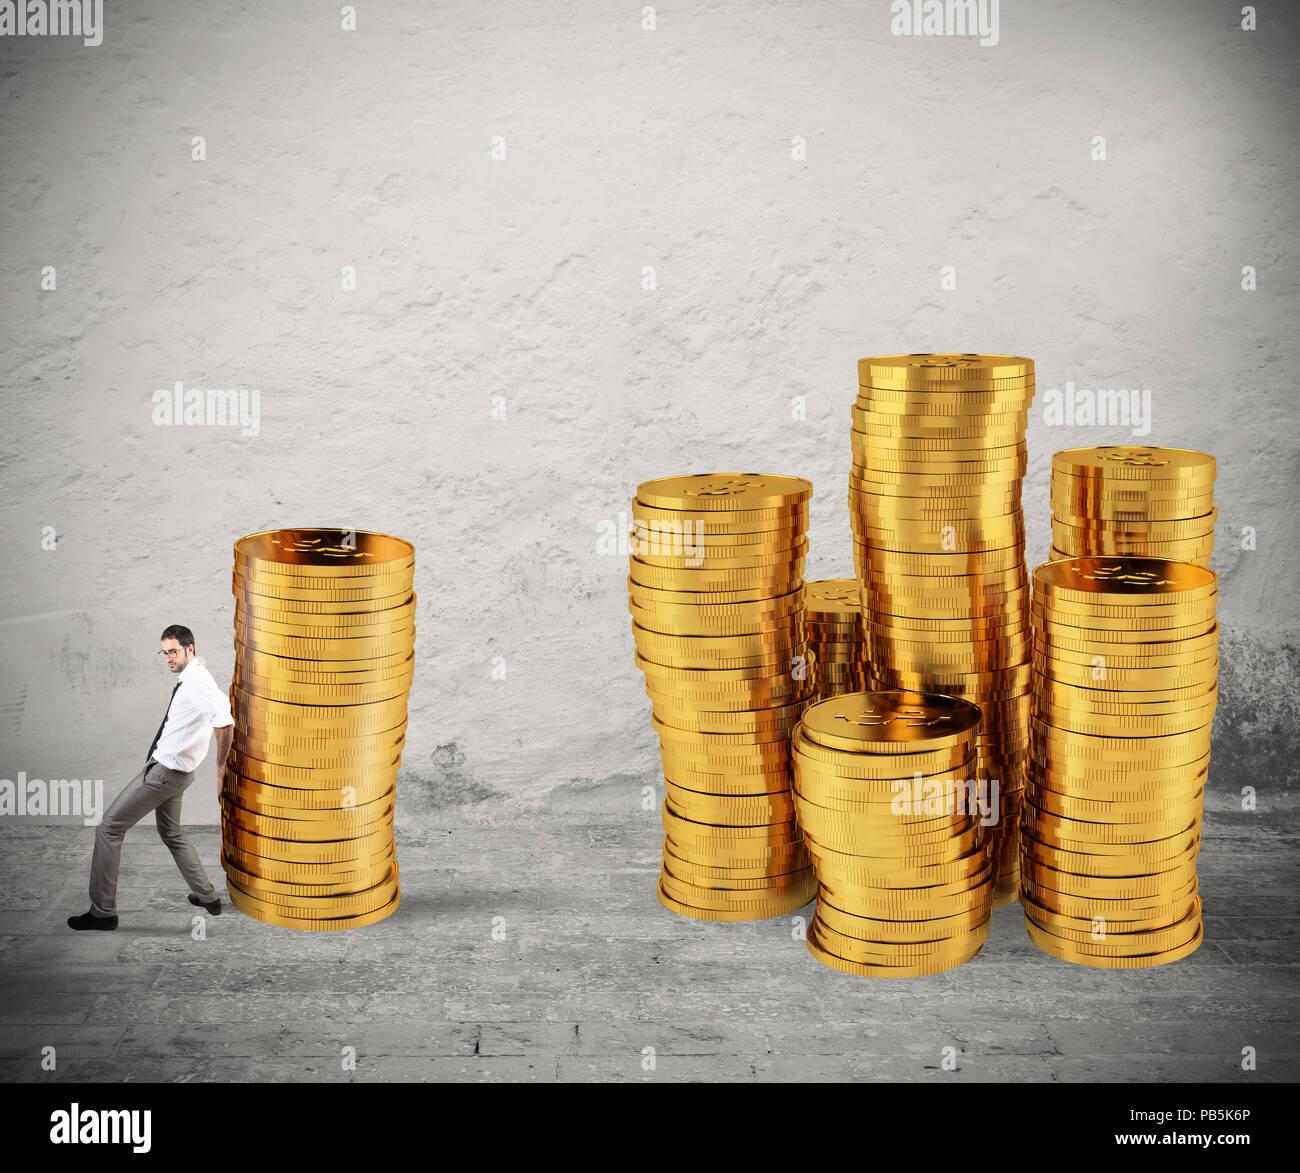 Unternehmer bewegt sich ein Haufen von Münzen zu einer Gruppe von Geld. Konzept der Schwierigkeit, Geld zu sparen Stockbild